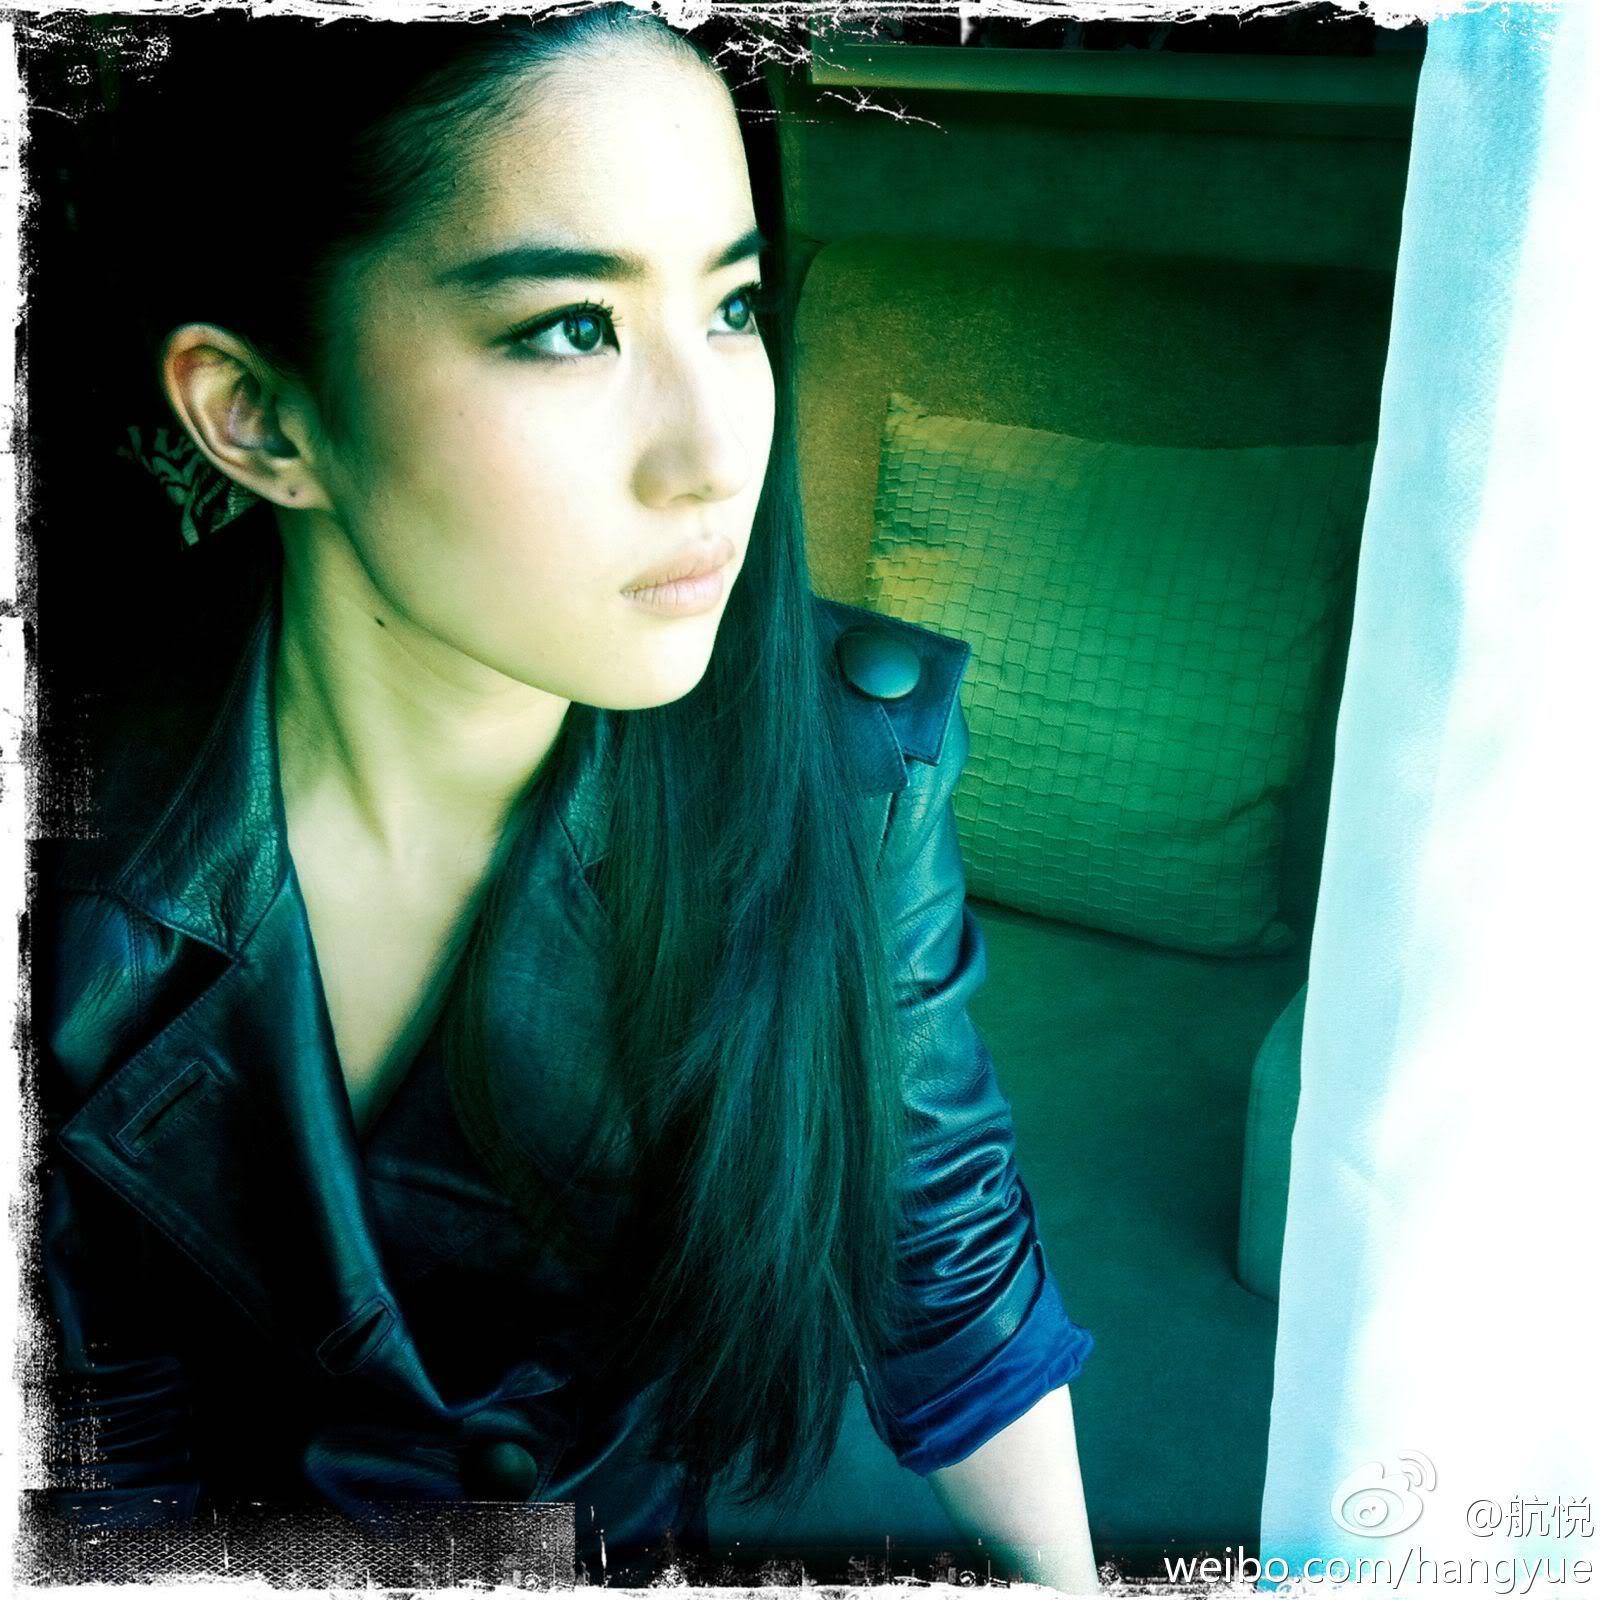 รวมภาพถ่ายจาก Blog และ Sina weibo Hang Yue  4a6856e2jw1dnao5vzq3nj